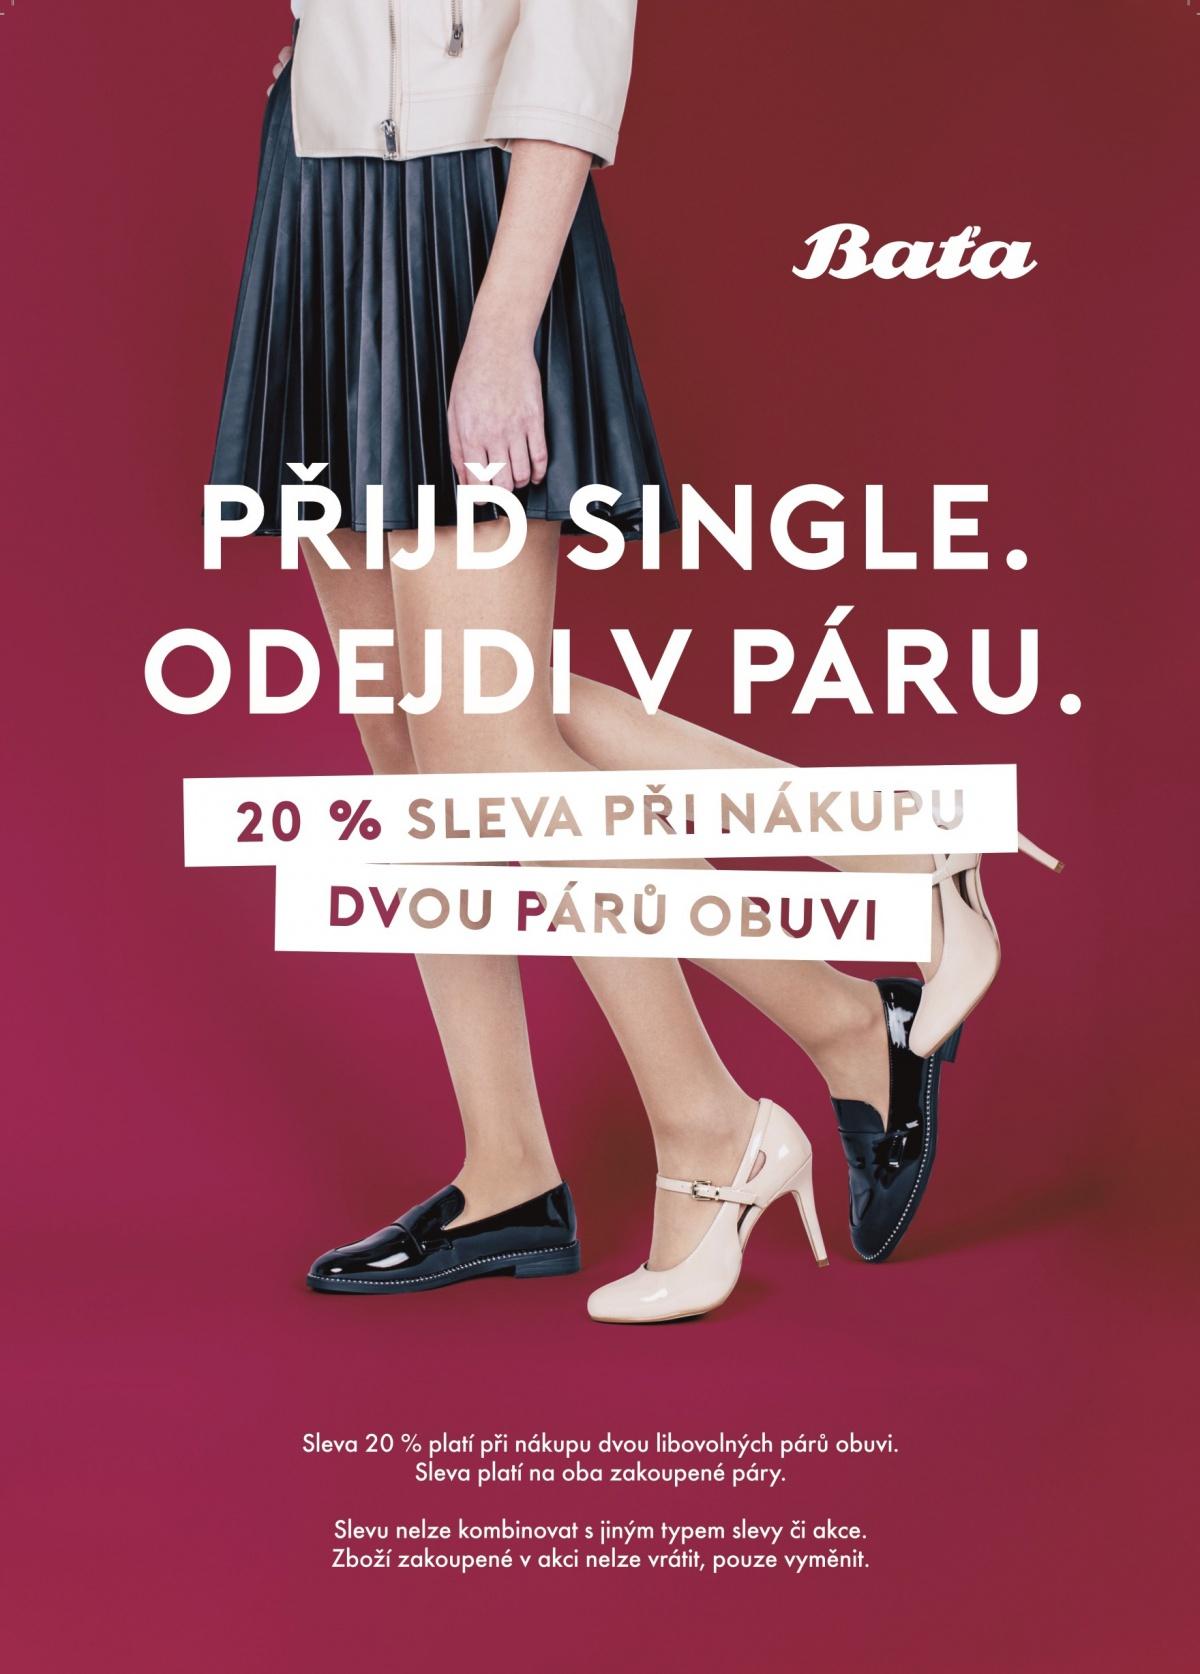 Přijď single. Odejdi v páru